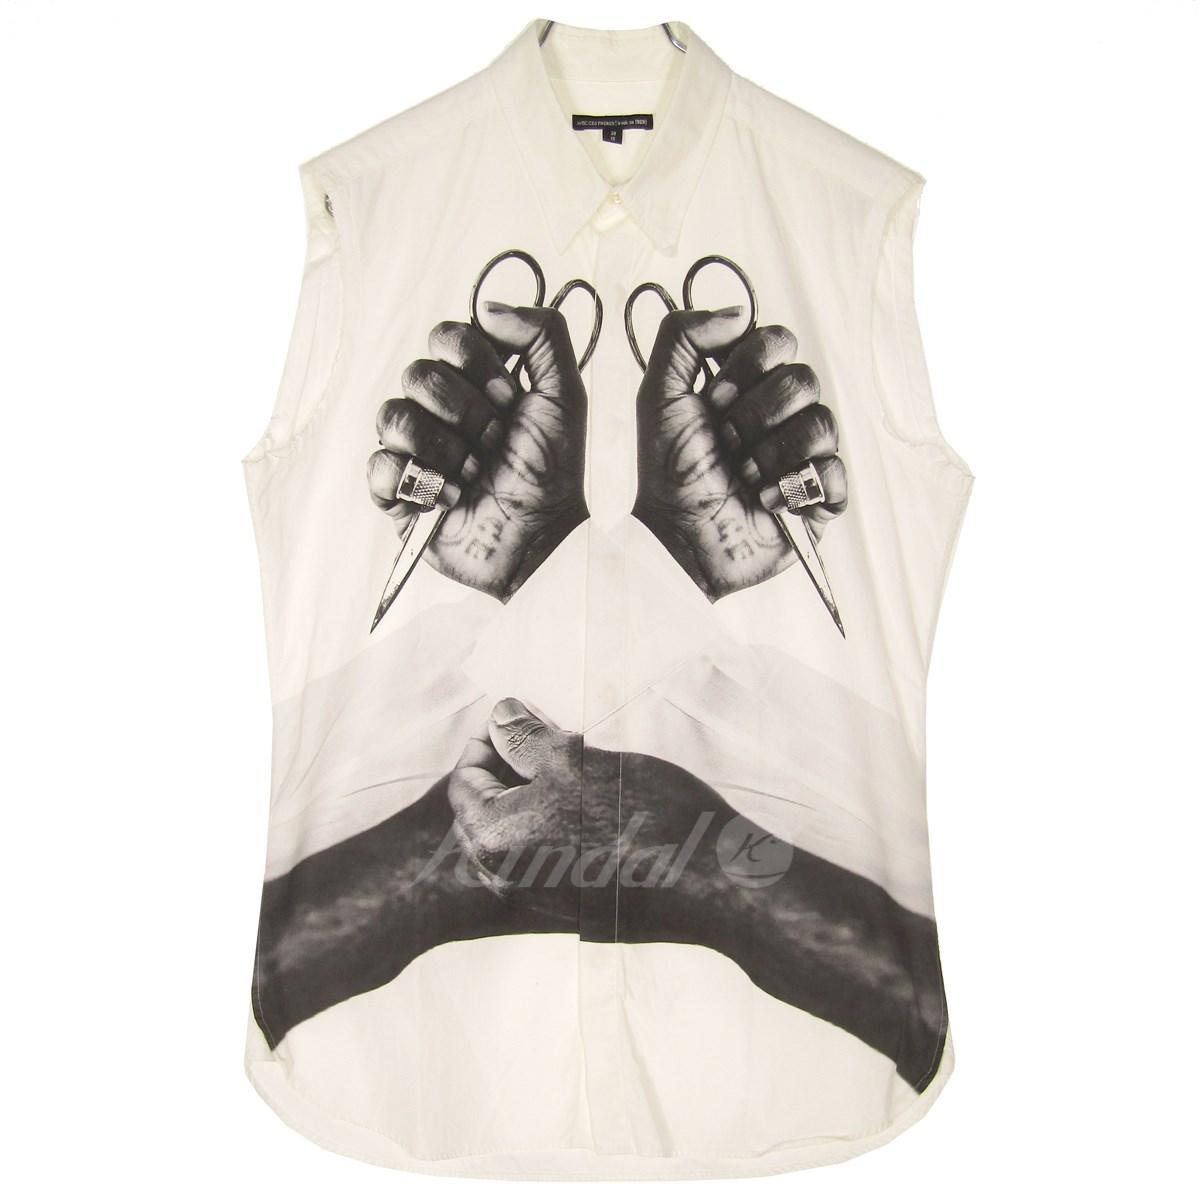 【中古】AVEC CES FRERES BY ART COMES FIRST ノースリーブプリントシャツ ホワイト サイズ:38/51 【060519】(アベック セ フレール バイ アートカムズ ファースト)